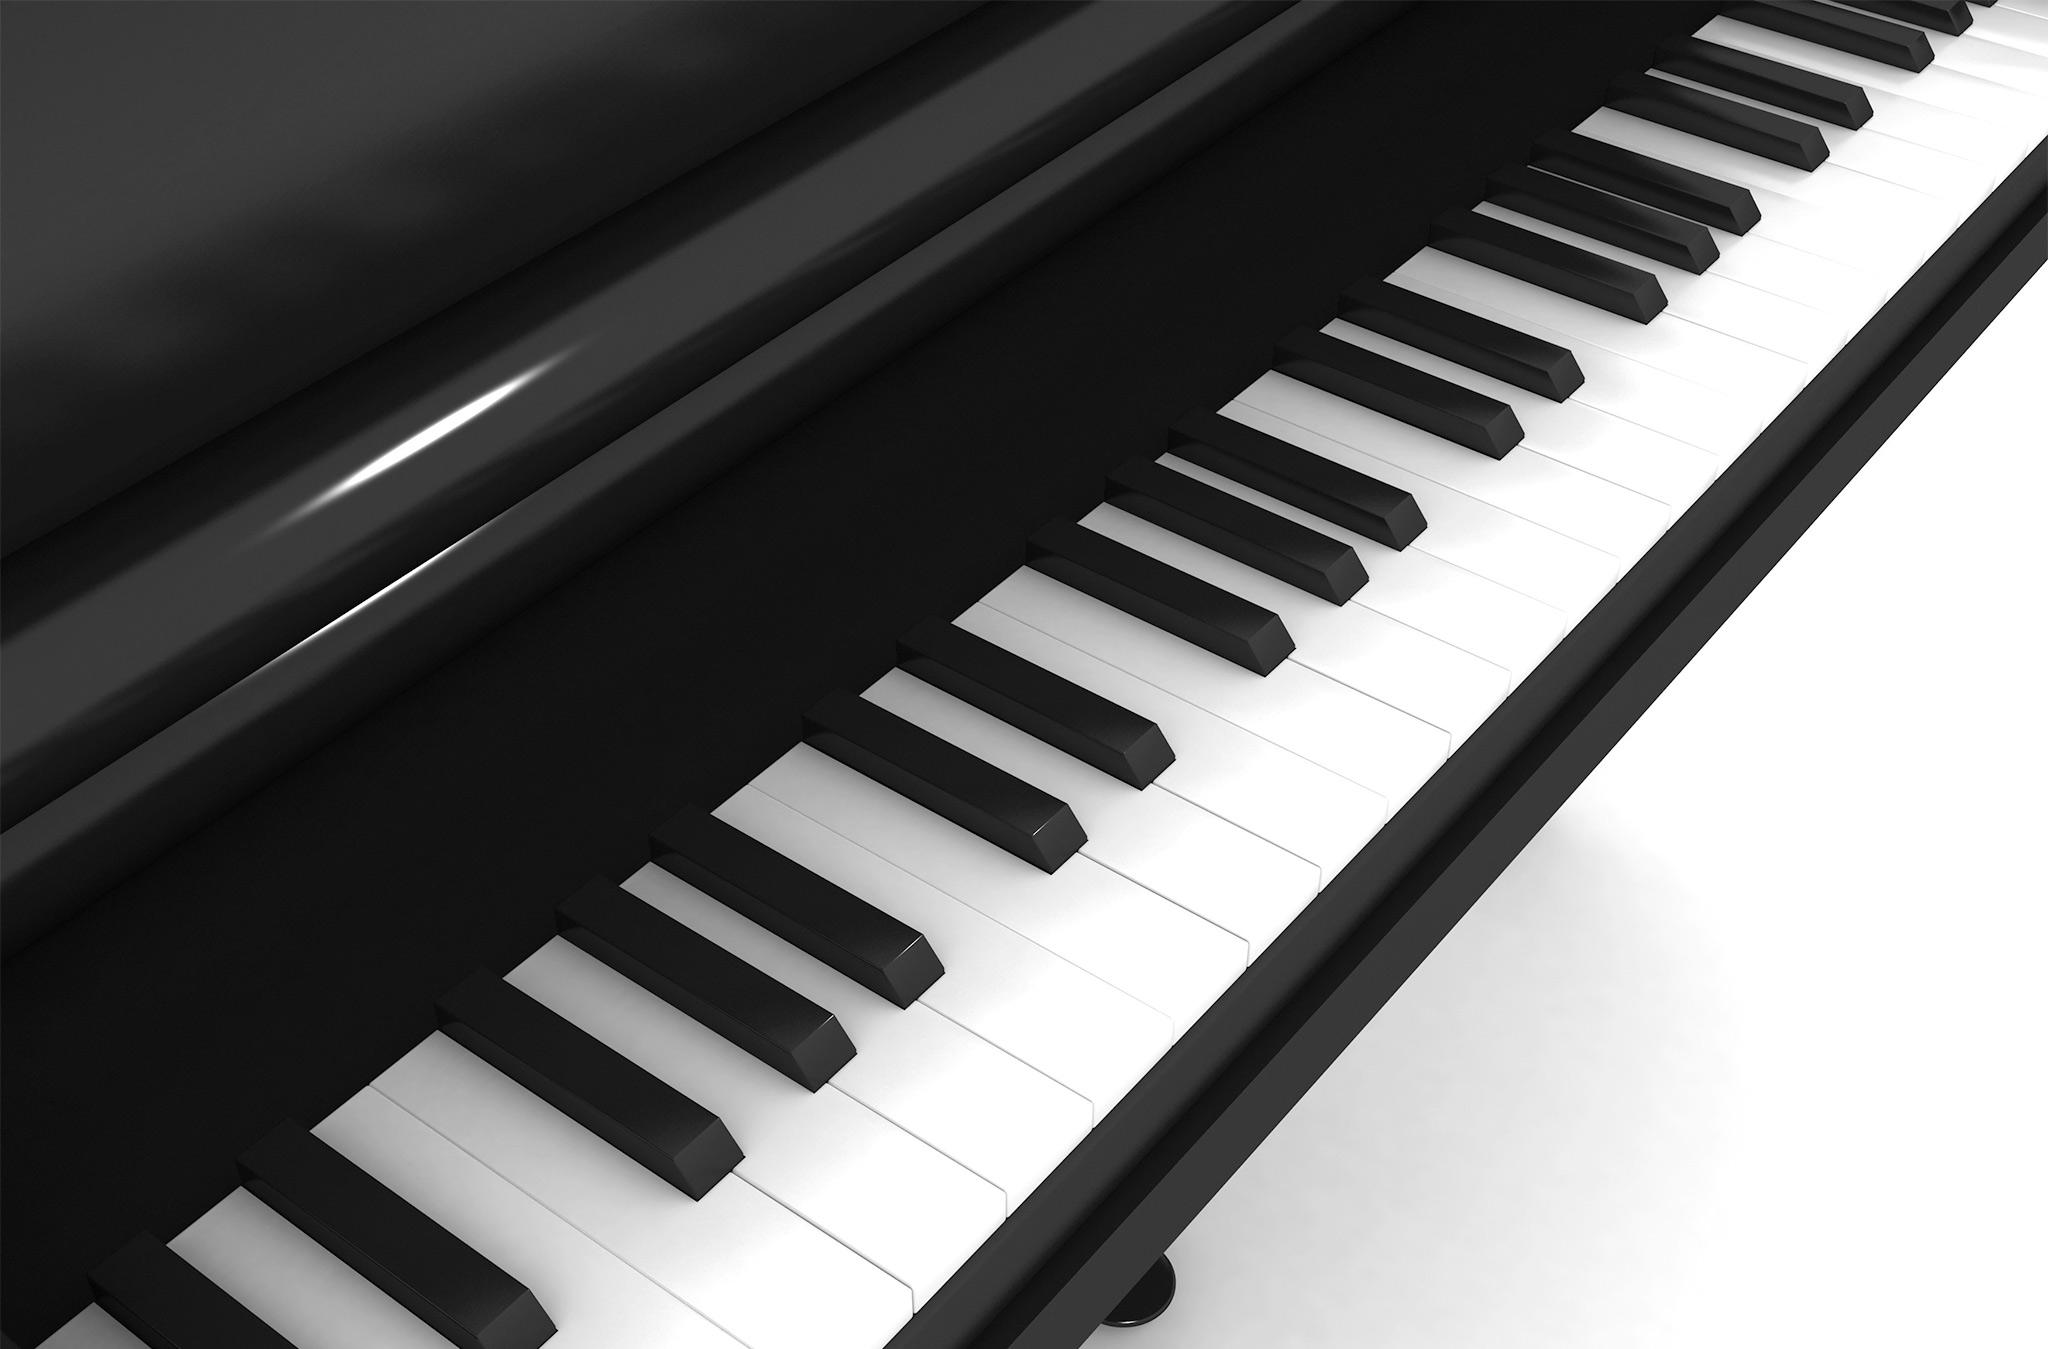 島村楽器「ソラシドくん」が切り開く視覚障害が持つ無限の可能性